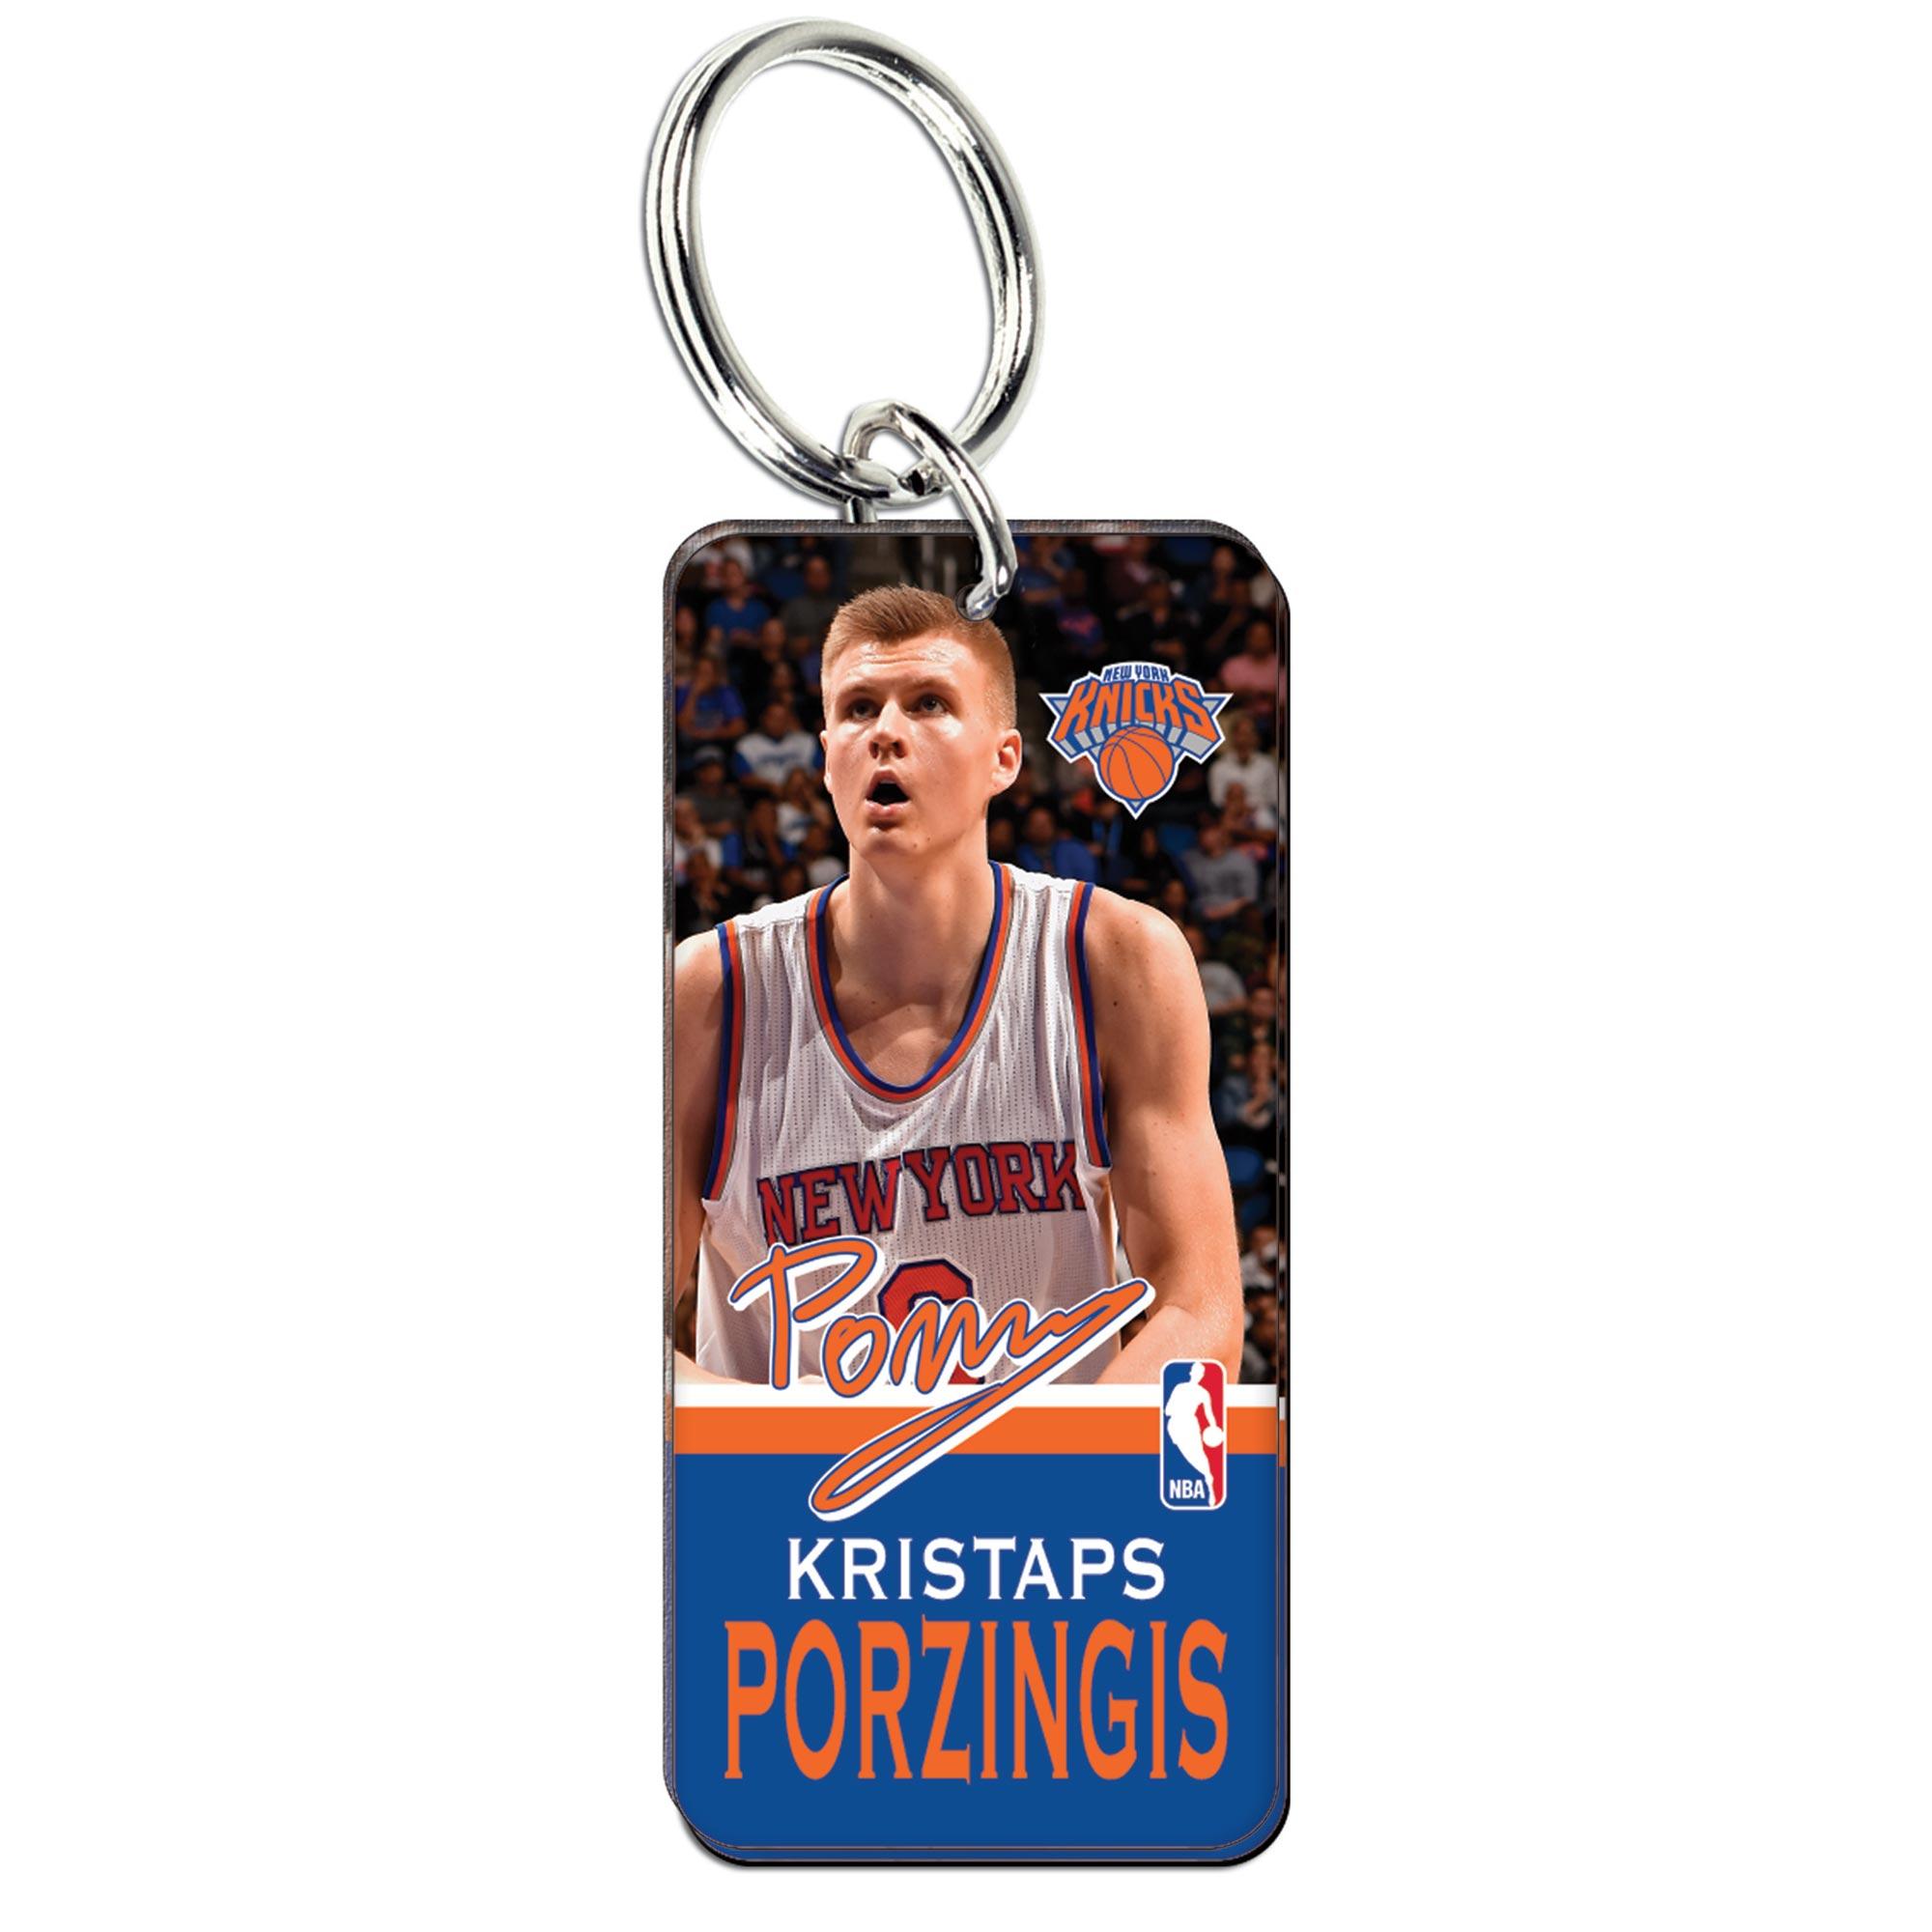 New York Knicks Kristops Porzingis Glossy Key Ring